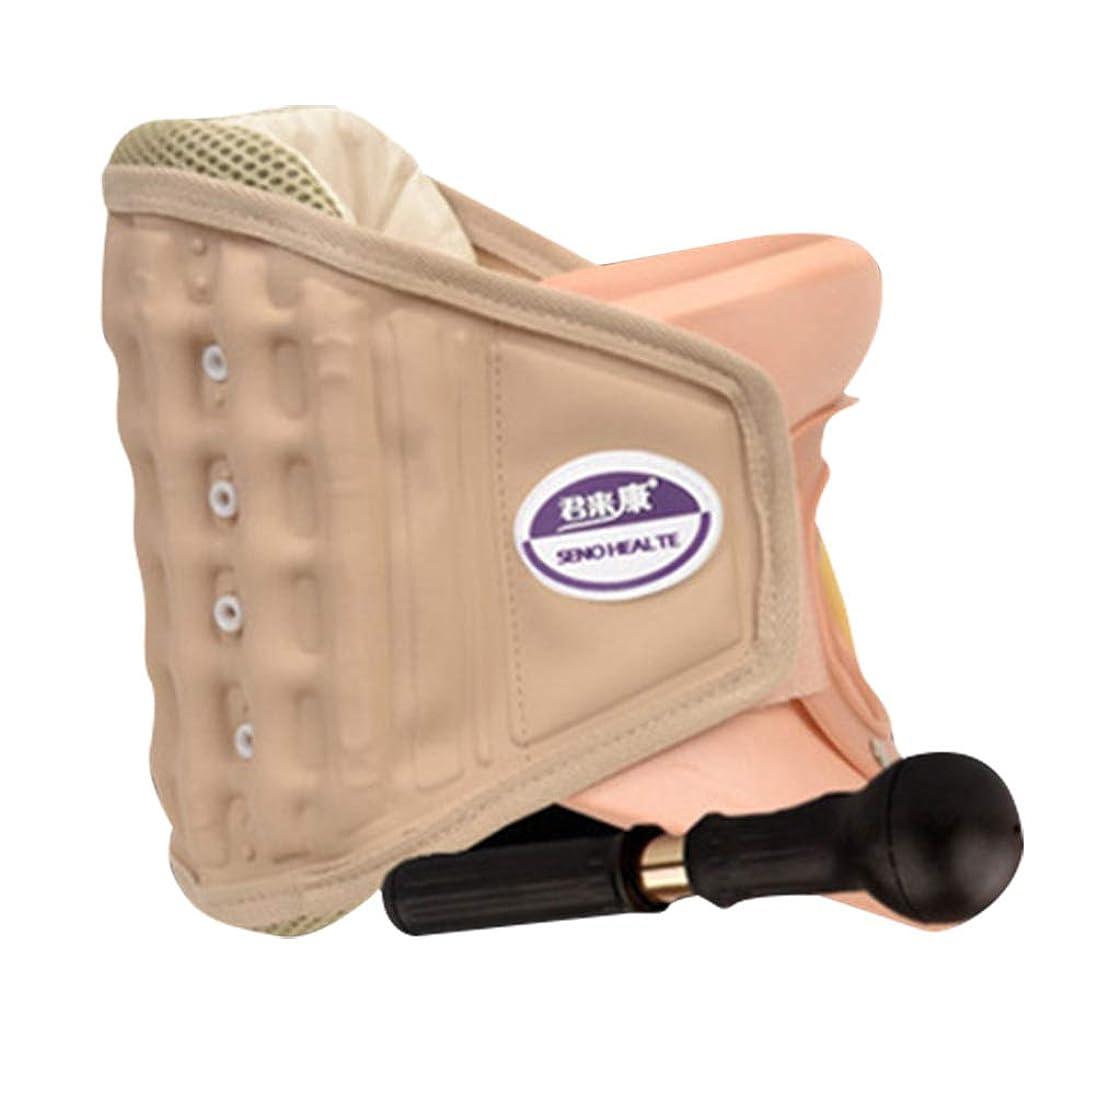 懐完璧なぬるいSUPVOX 頸部首牽引襟デバイス装具椎骨サポートベルト付きポンプポータブルネックマッサージャー